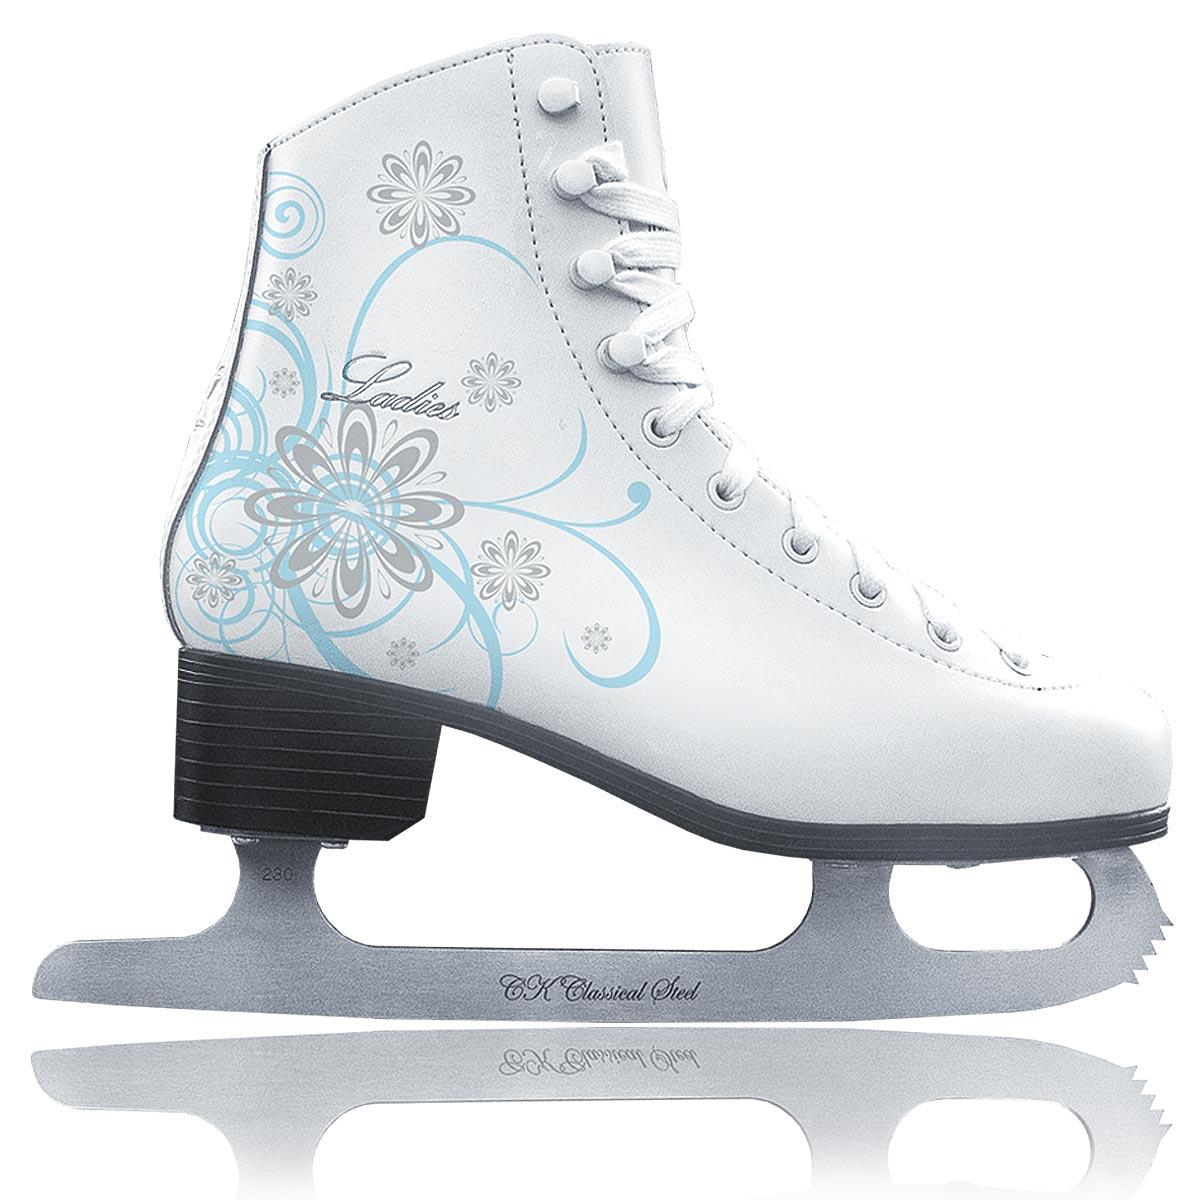 Коньки фигурные для девочки CK Ladies Velvet Classic, цвет: белый, голубой, серебряный. Размер 35 - Коньки